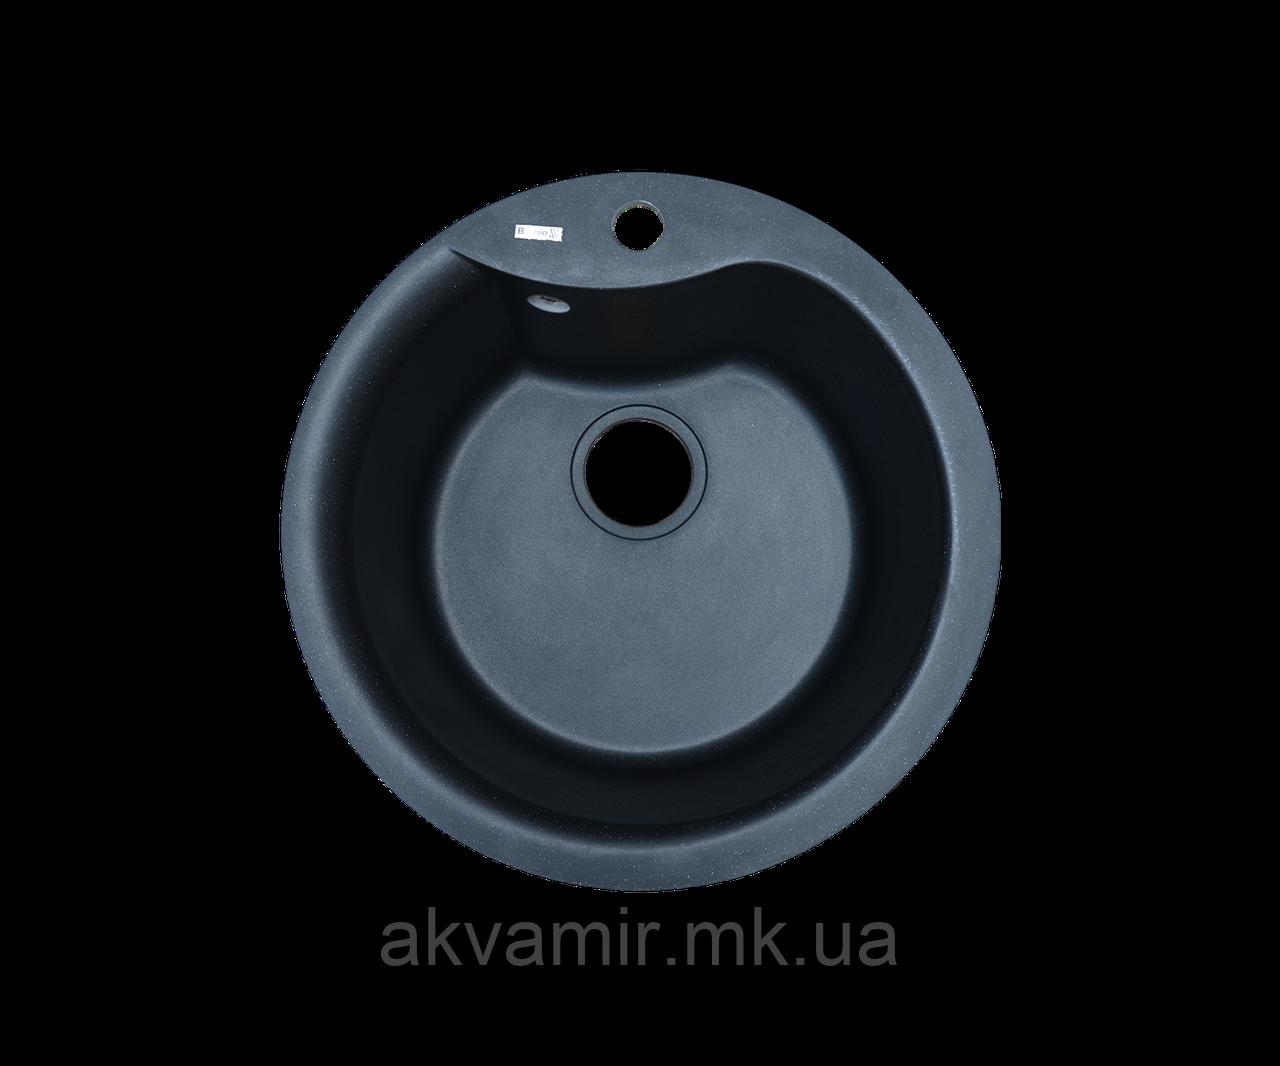 Кухонная мойка Borgio (гранит) ROC-490 (черный)